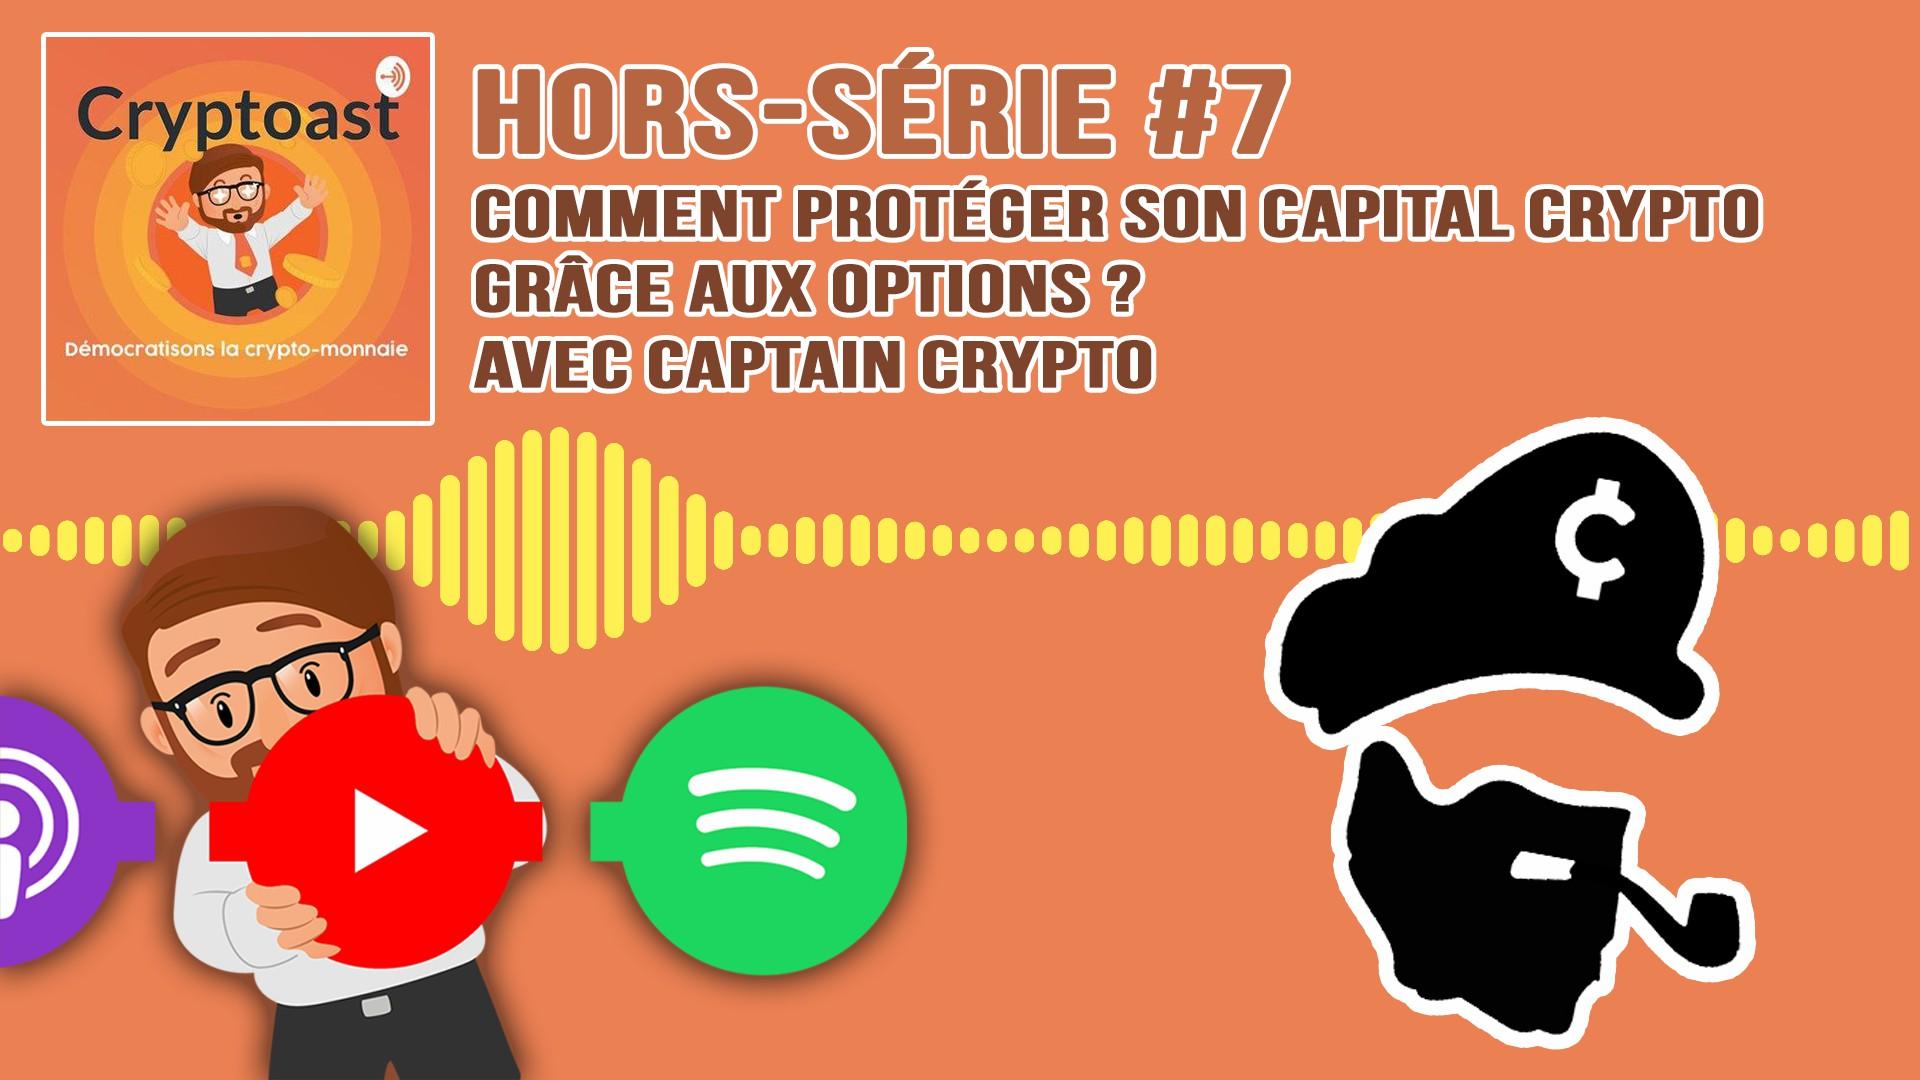 Podcast hors-série #7 - Comment protéger son capital crypto grâce aux options, avec Captain Crypto